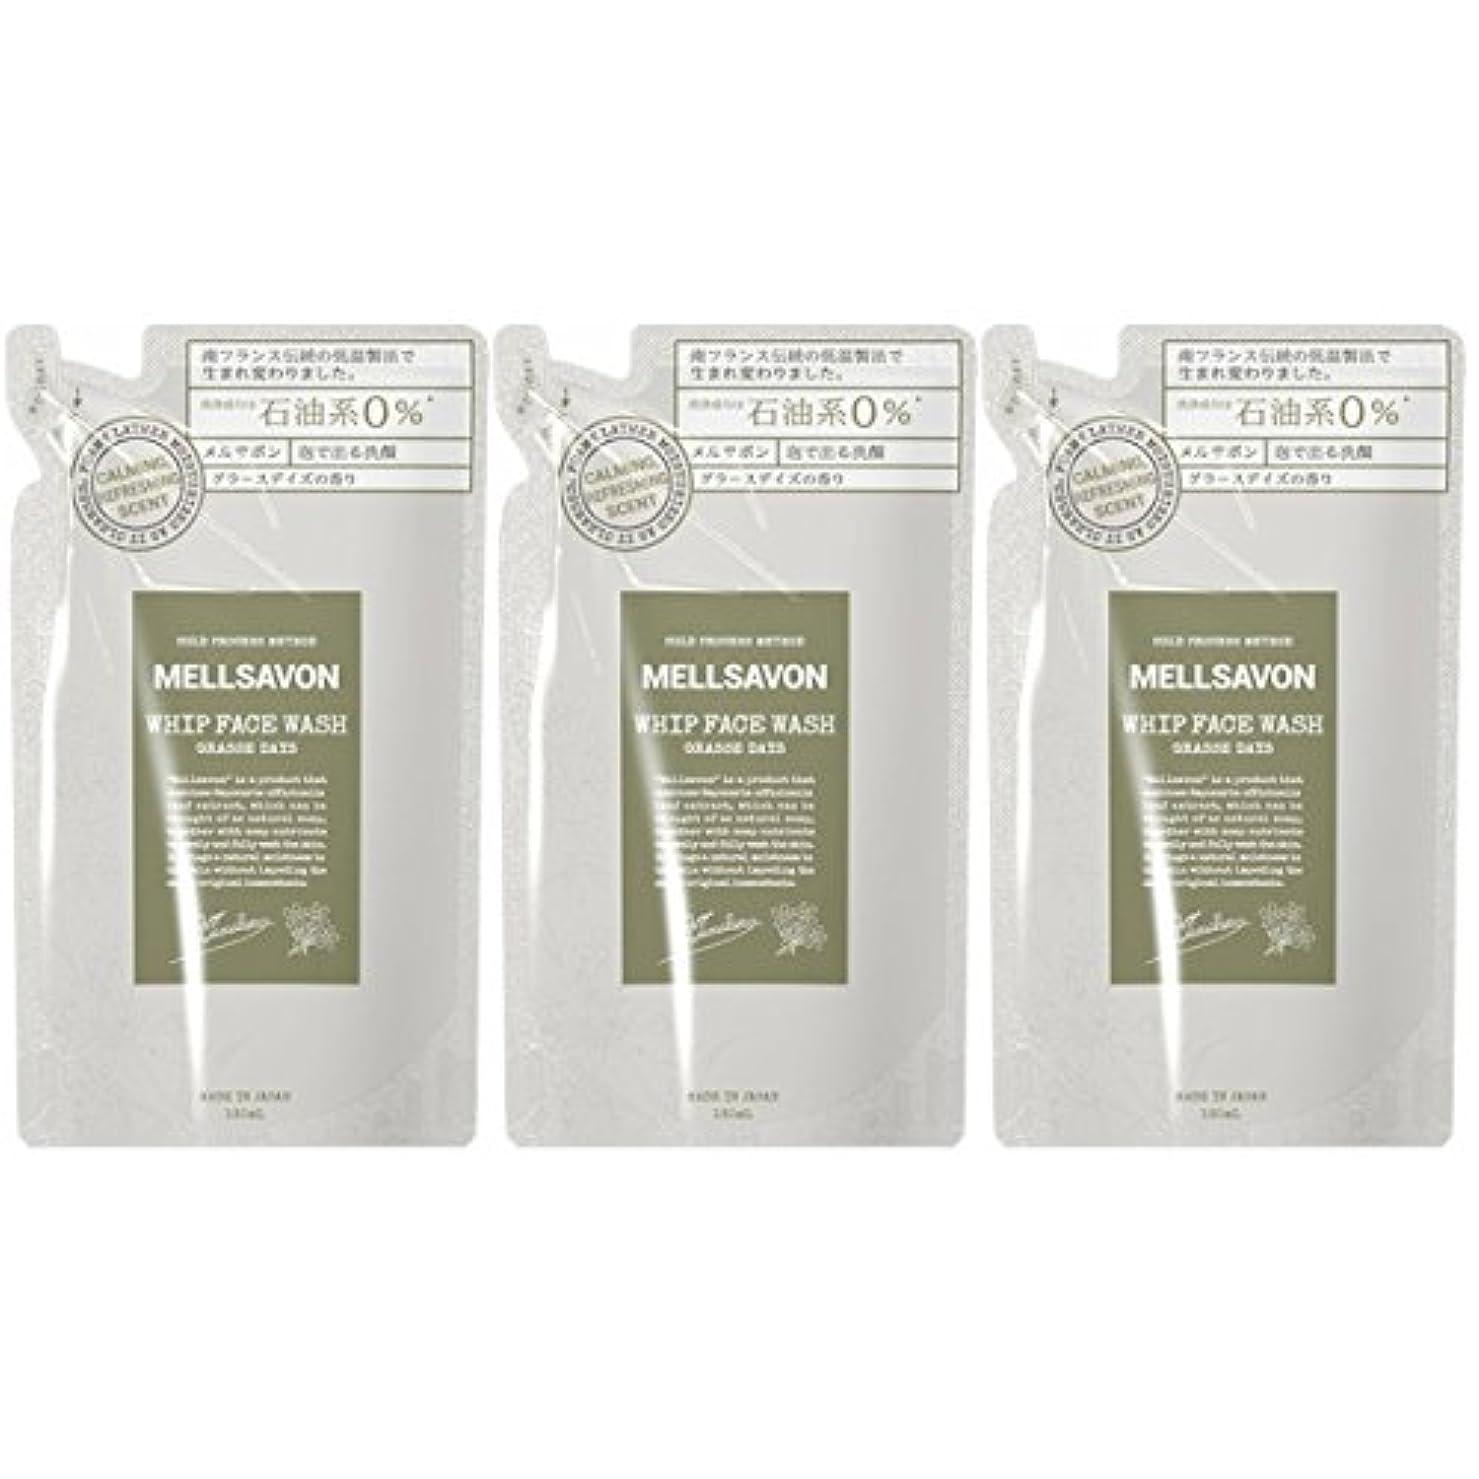 小麦粉適応良心【3個セット】MELLSAVON(メルサボン) ホイップフェイスウォッシュ グラースデイズ 〈詰替〉 (130mL)